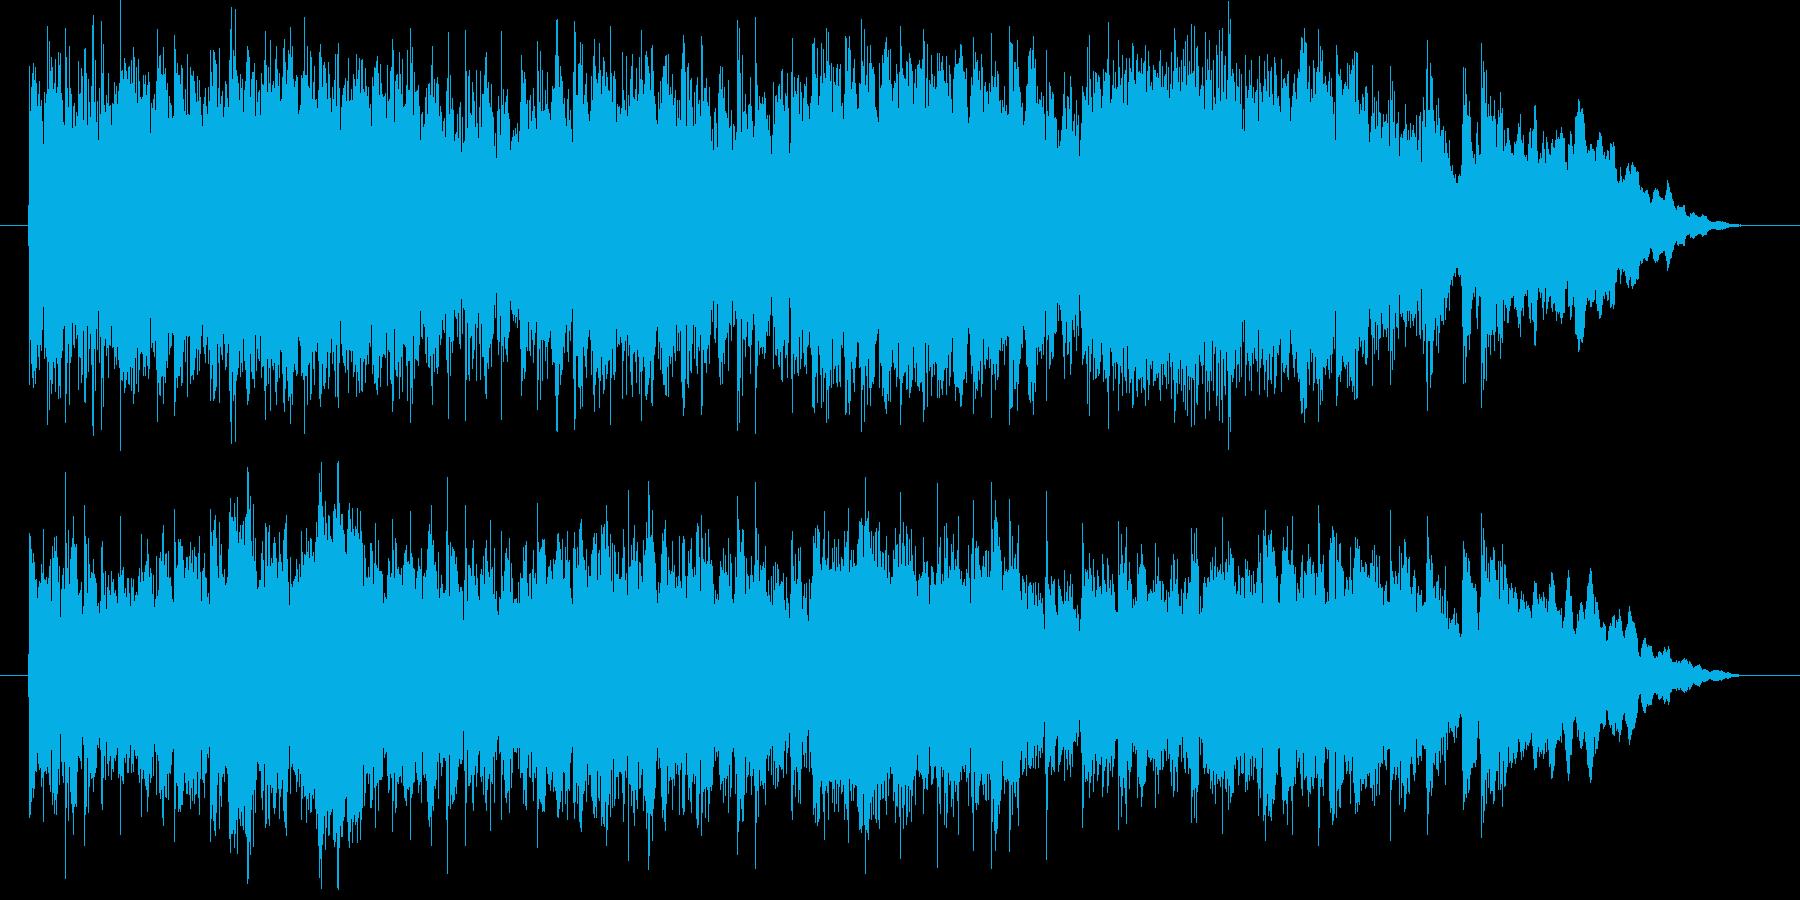 爽やかで涼しげなボイスシンセサウンドの再生済みの波形